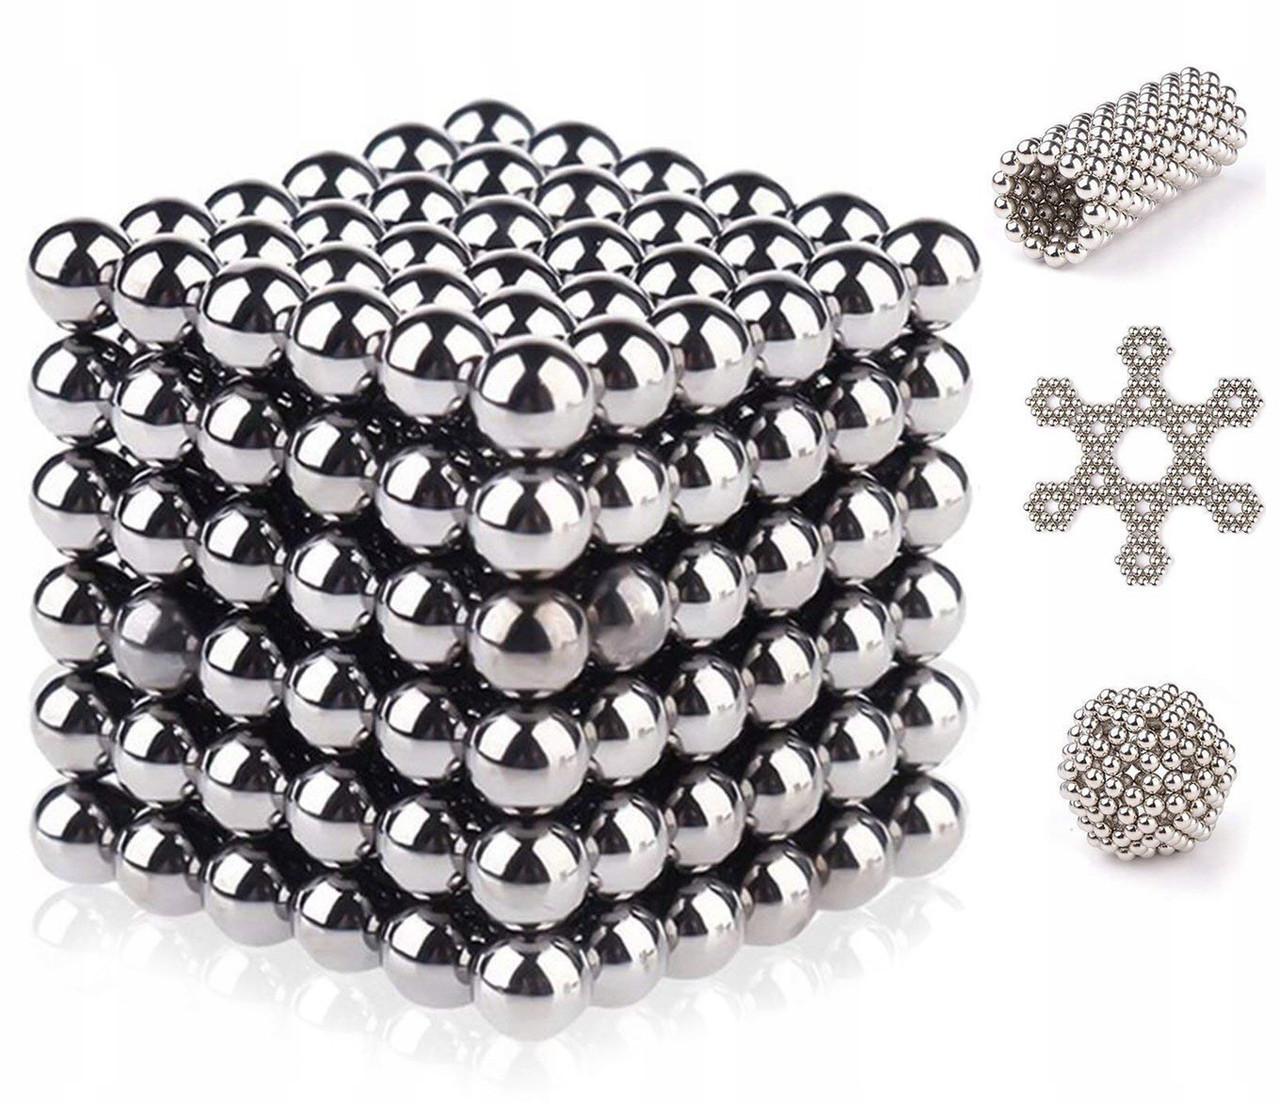 Головоломка Неокуб Neocube 216 шариков 5мм в металлическом боксе серебристый